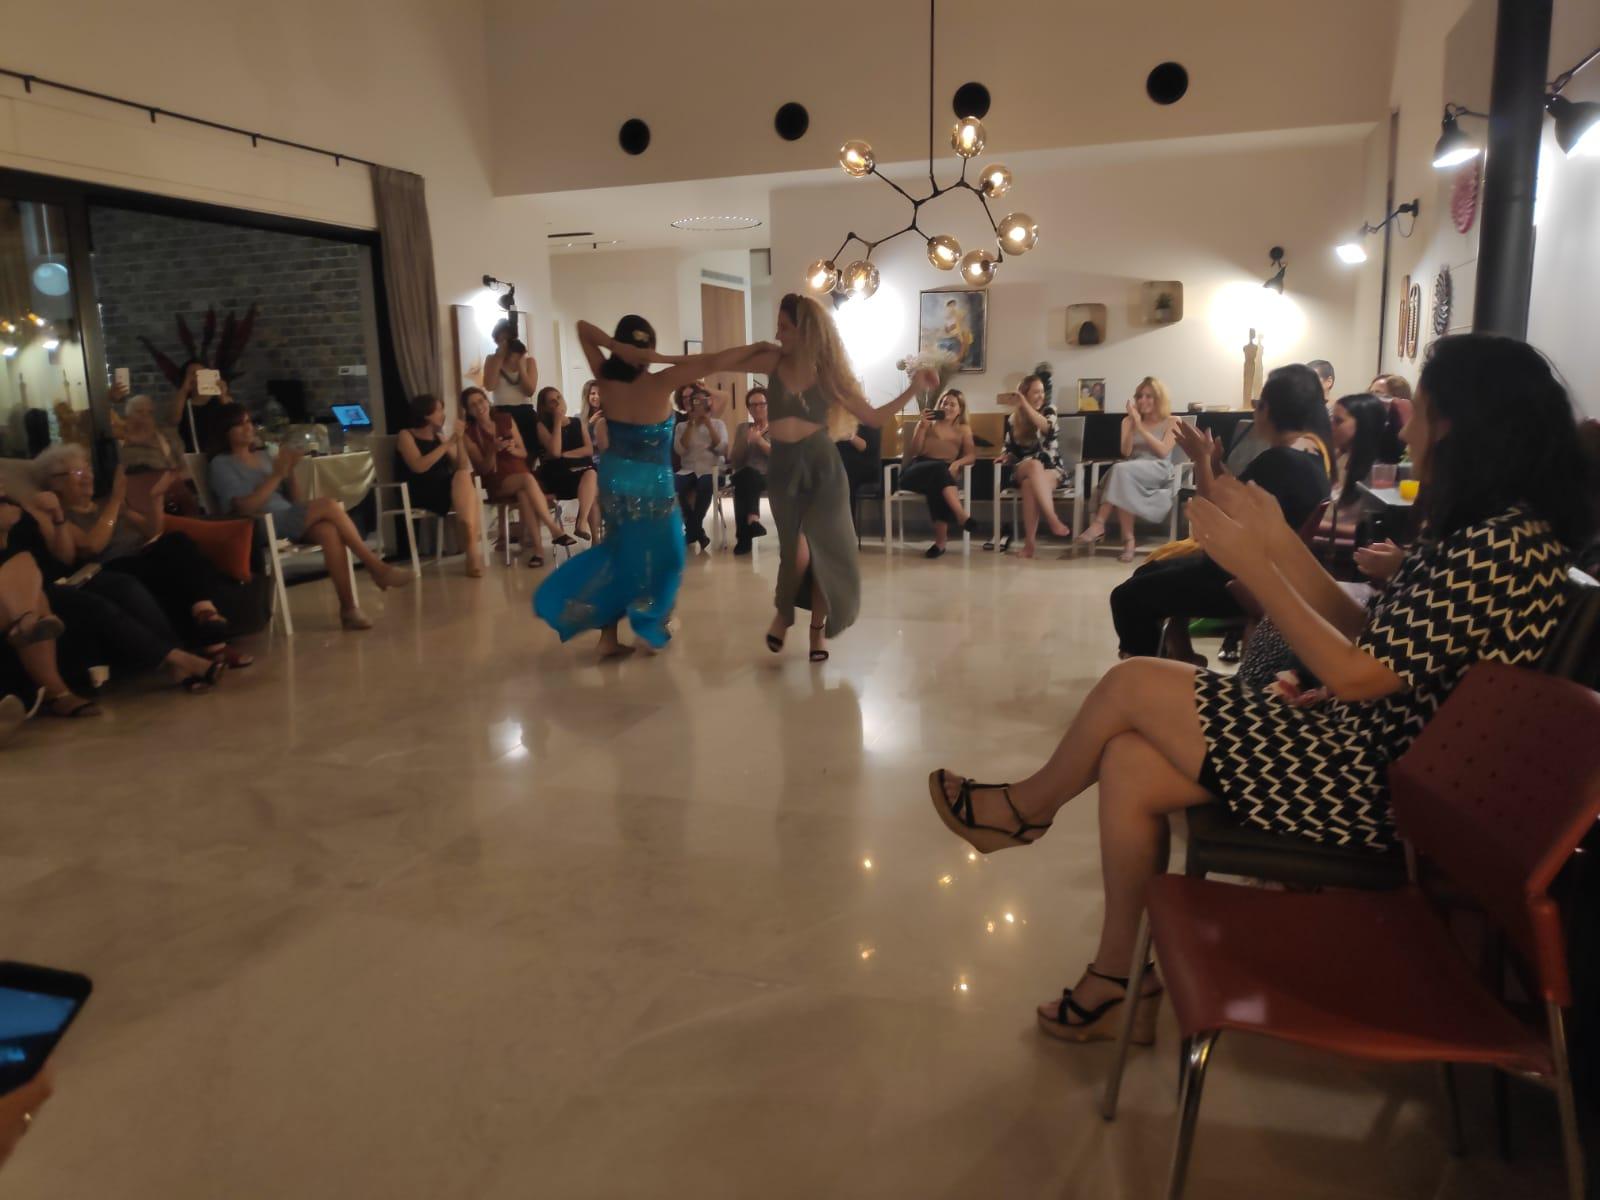 רקדנית בטן מיה טולדנו במסיבת מקווה